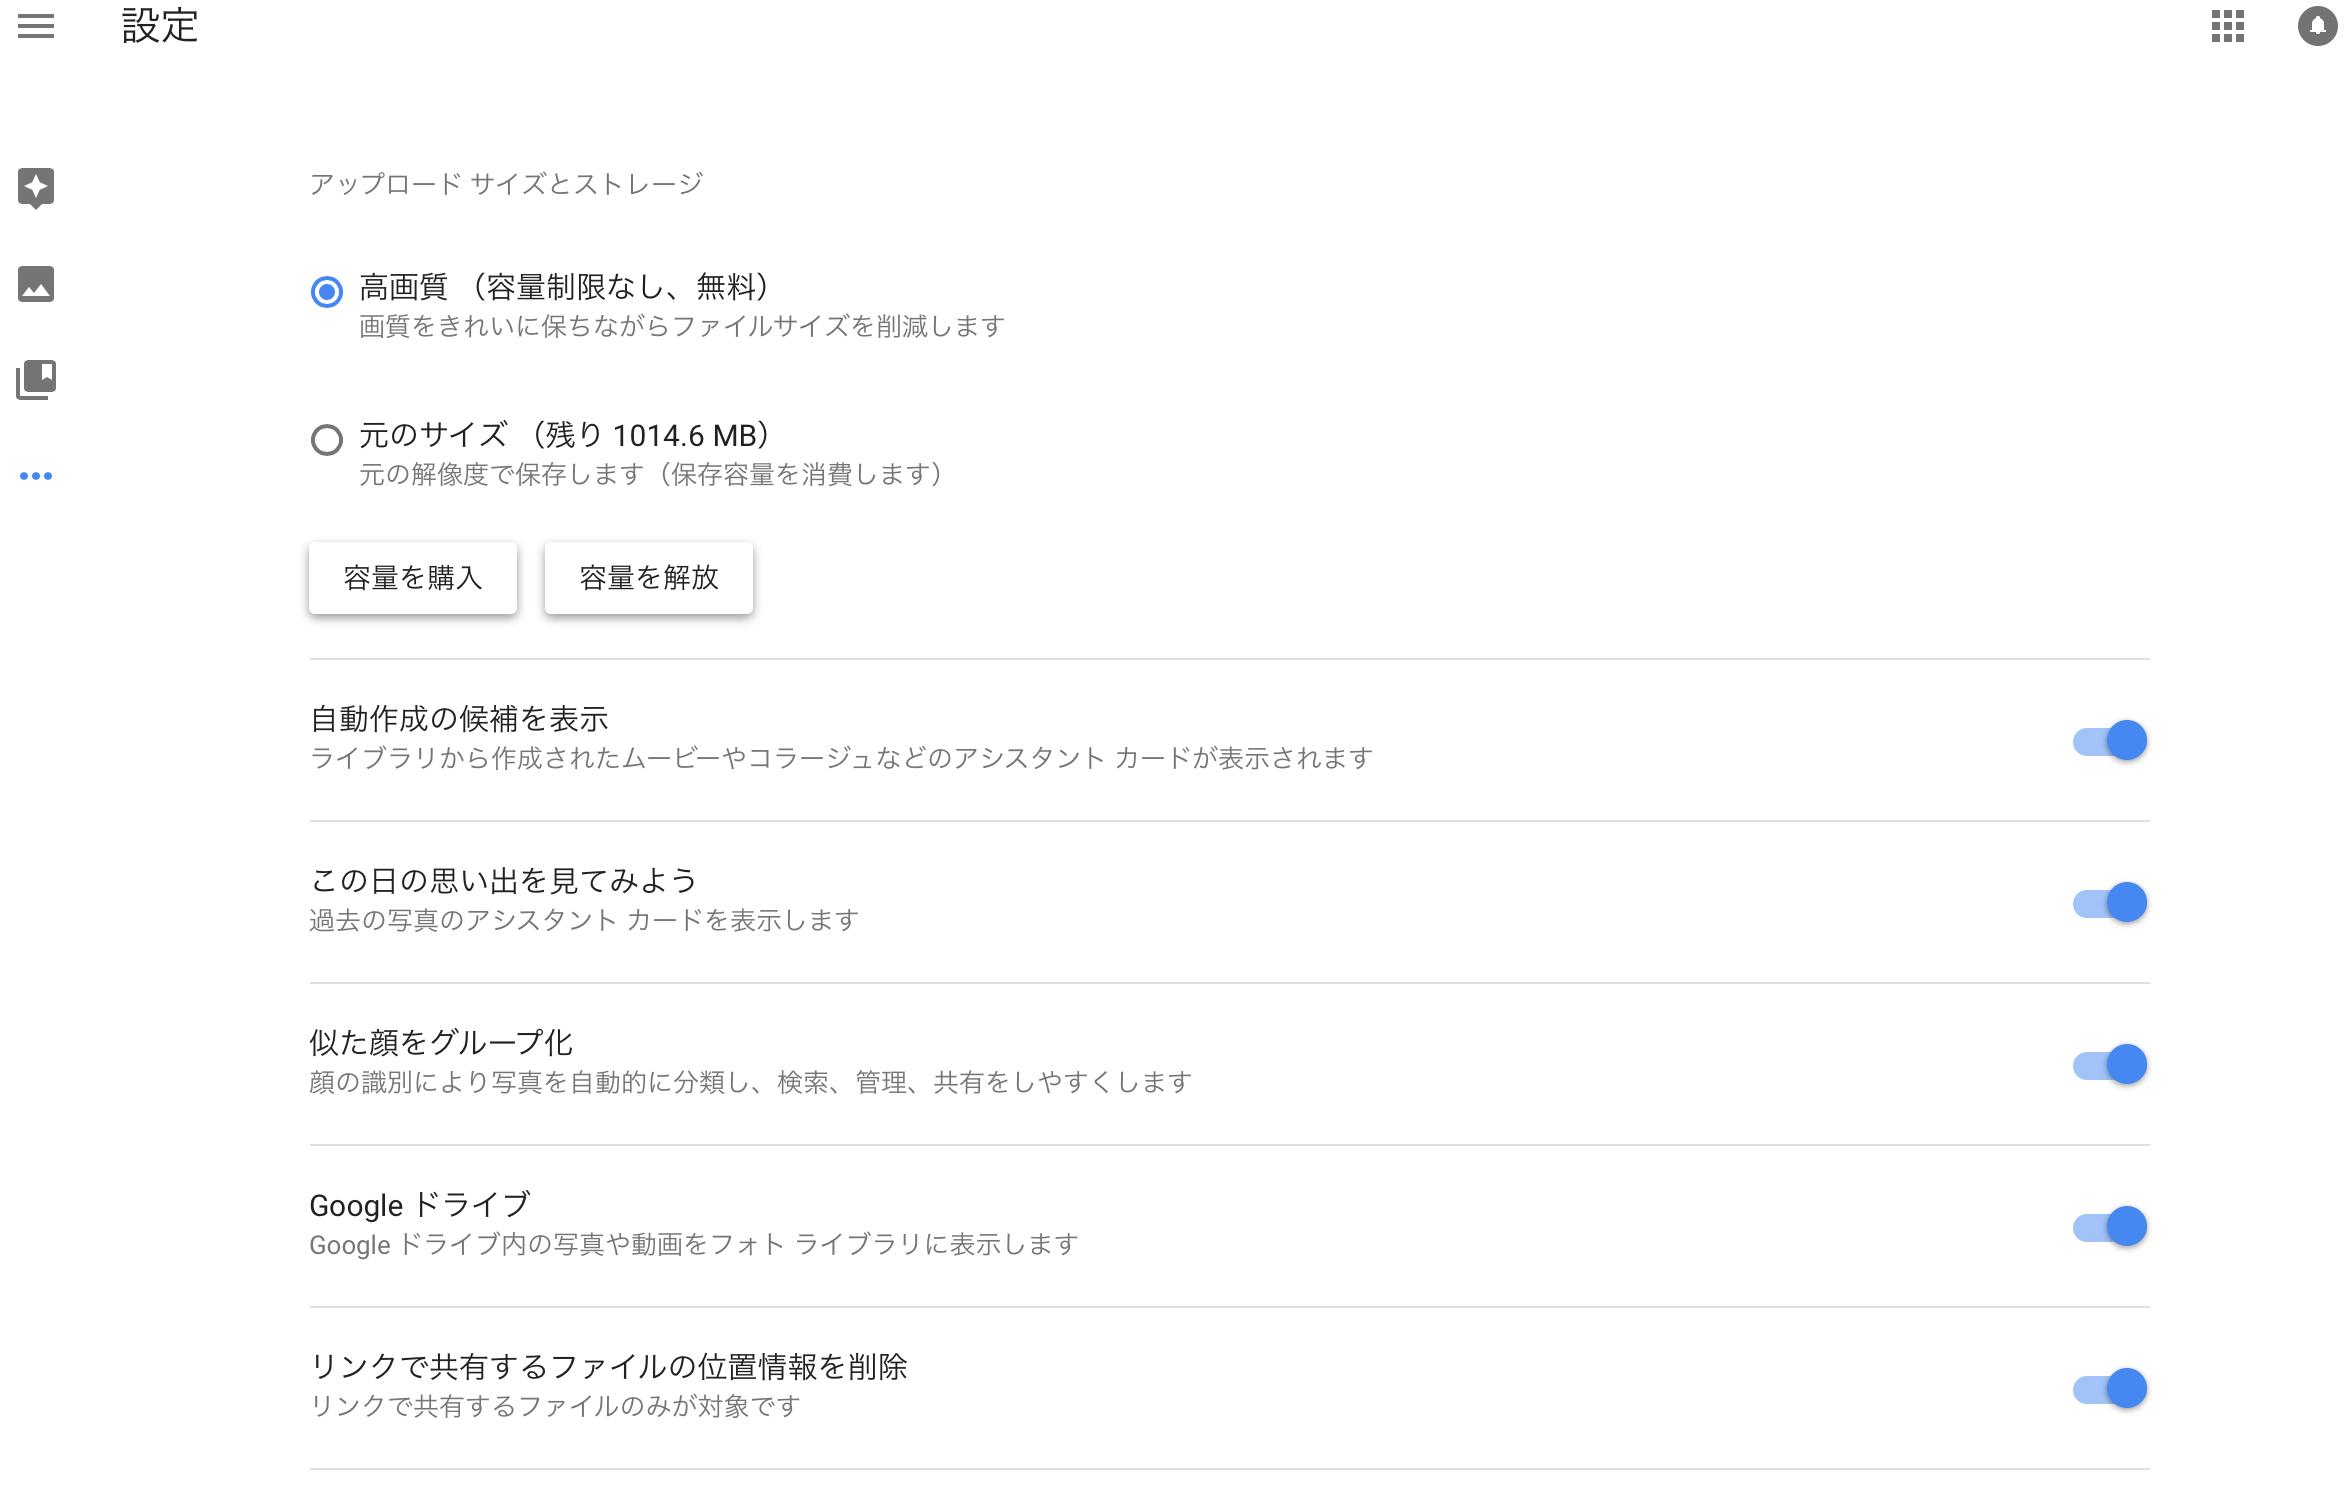 スクリーンショット 2015-12-04 20.13.49